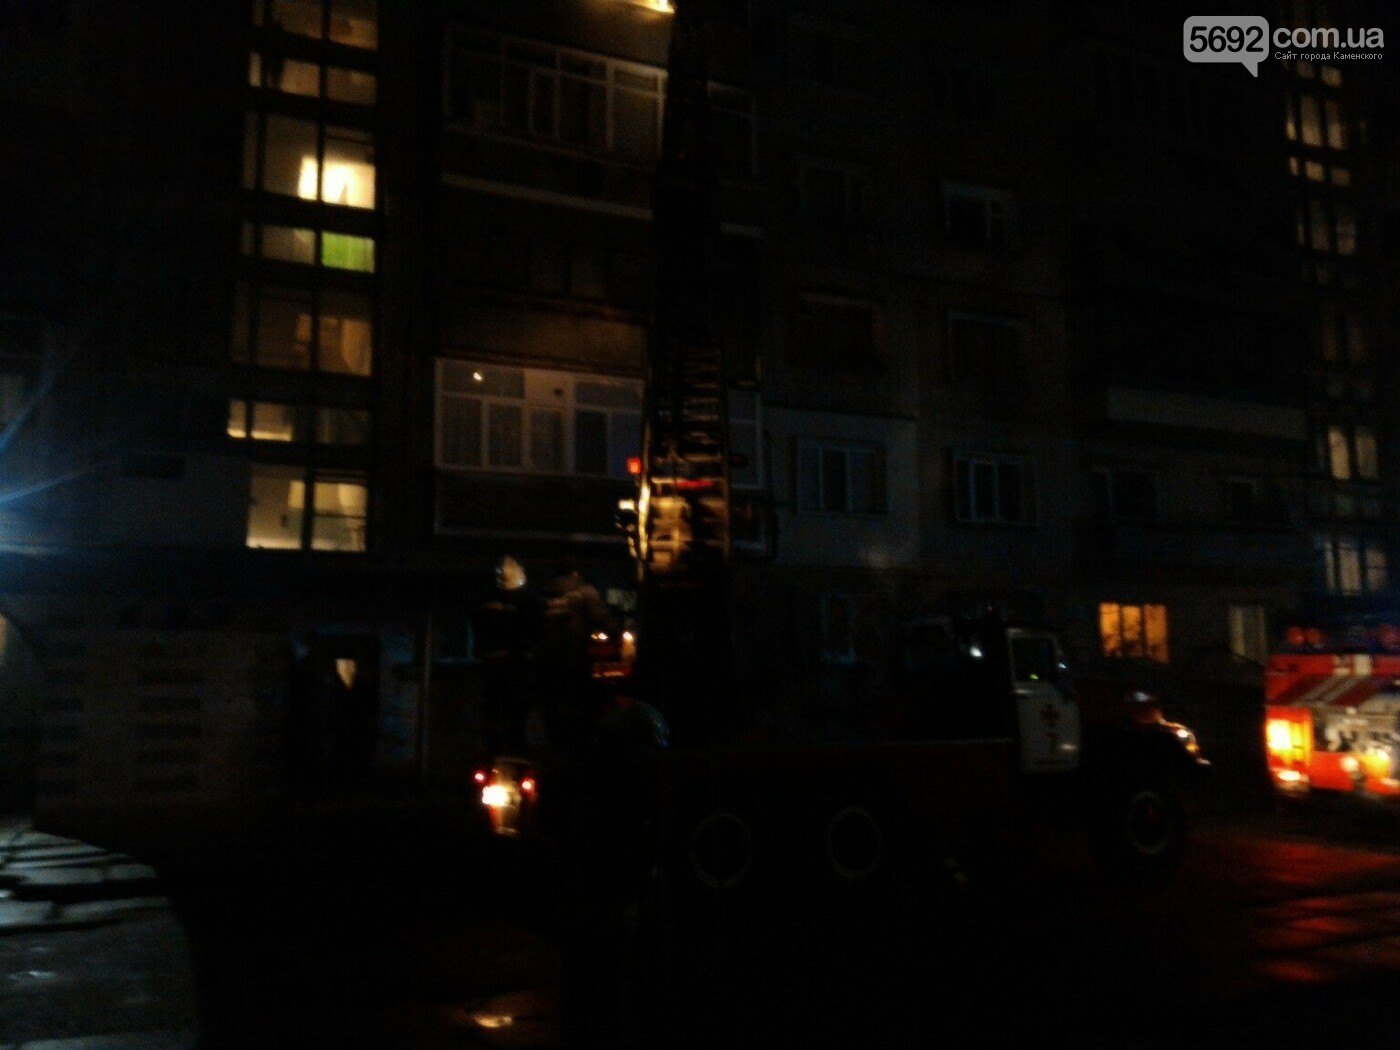 В Каменском из-за петарды едва не начался квартирный пожар, фото-2